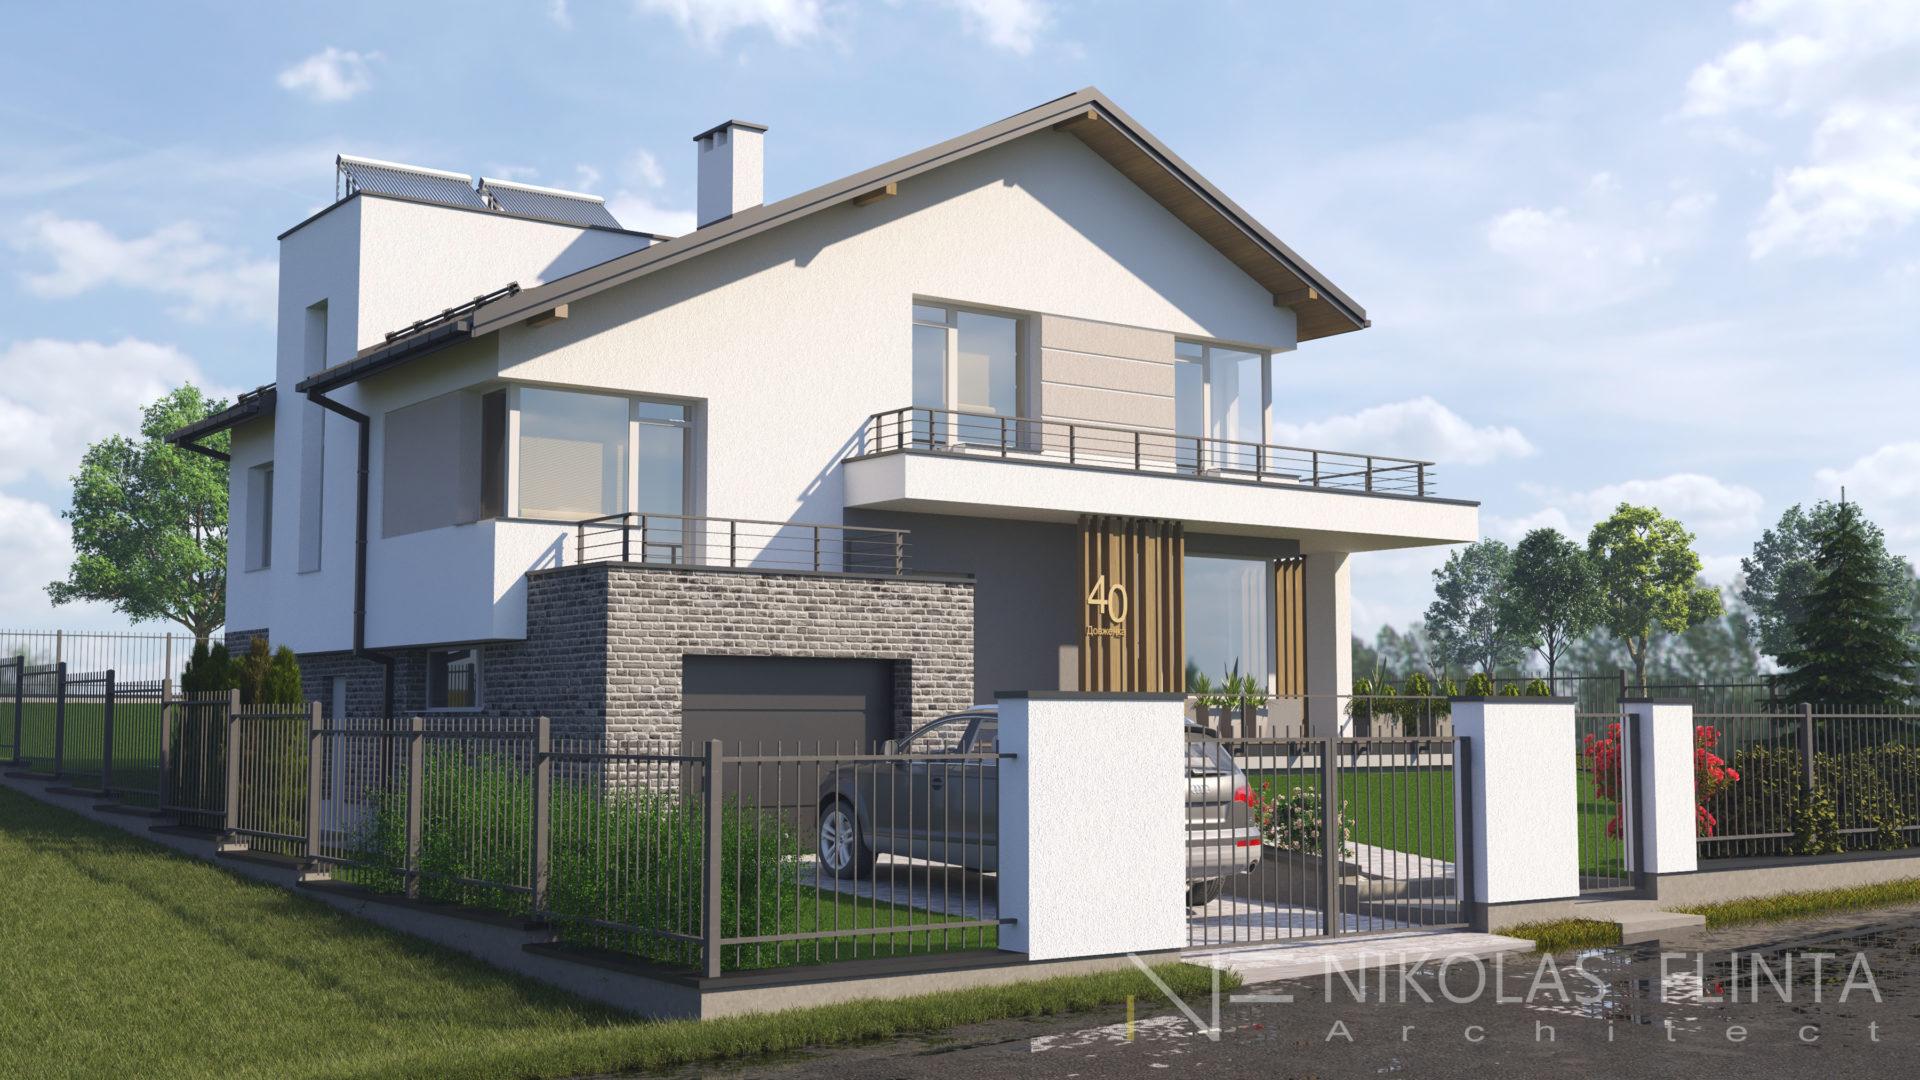 House 15LG_02